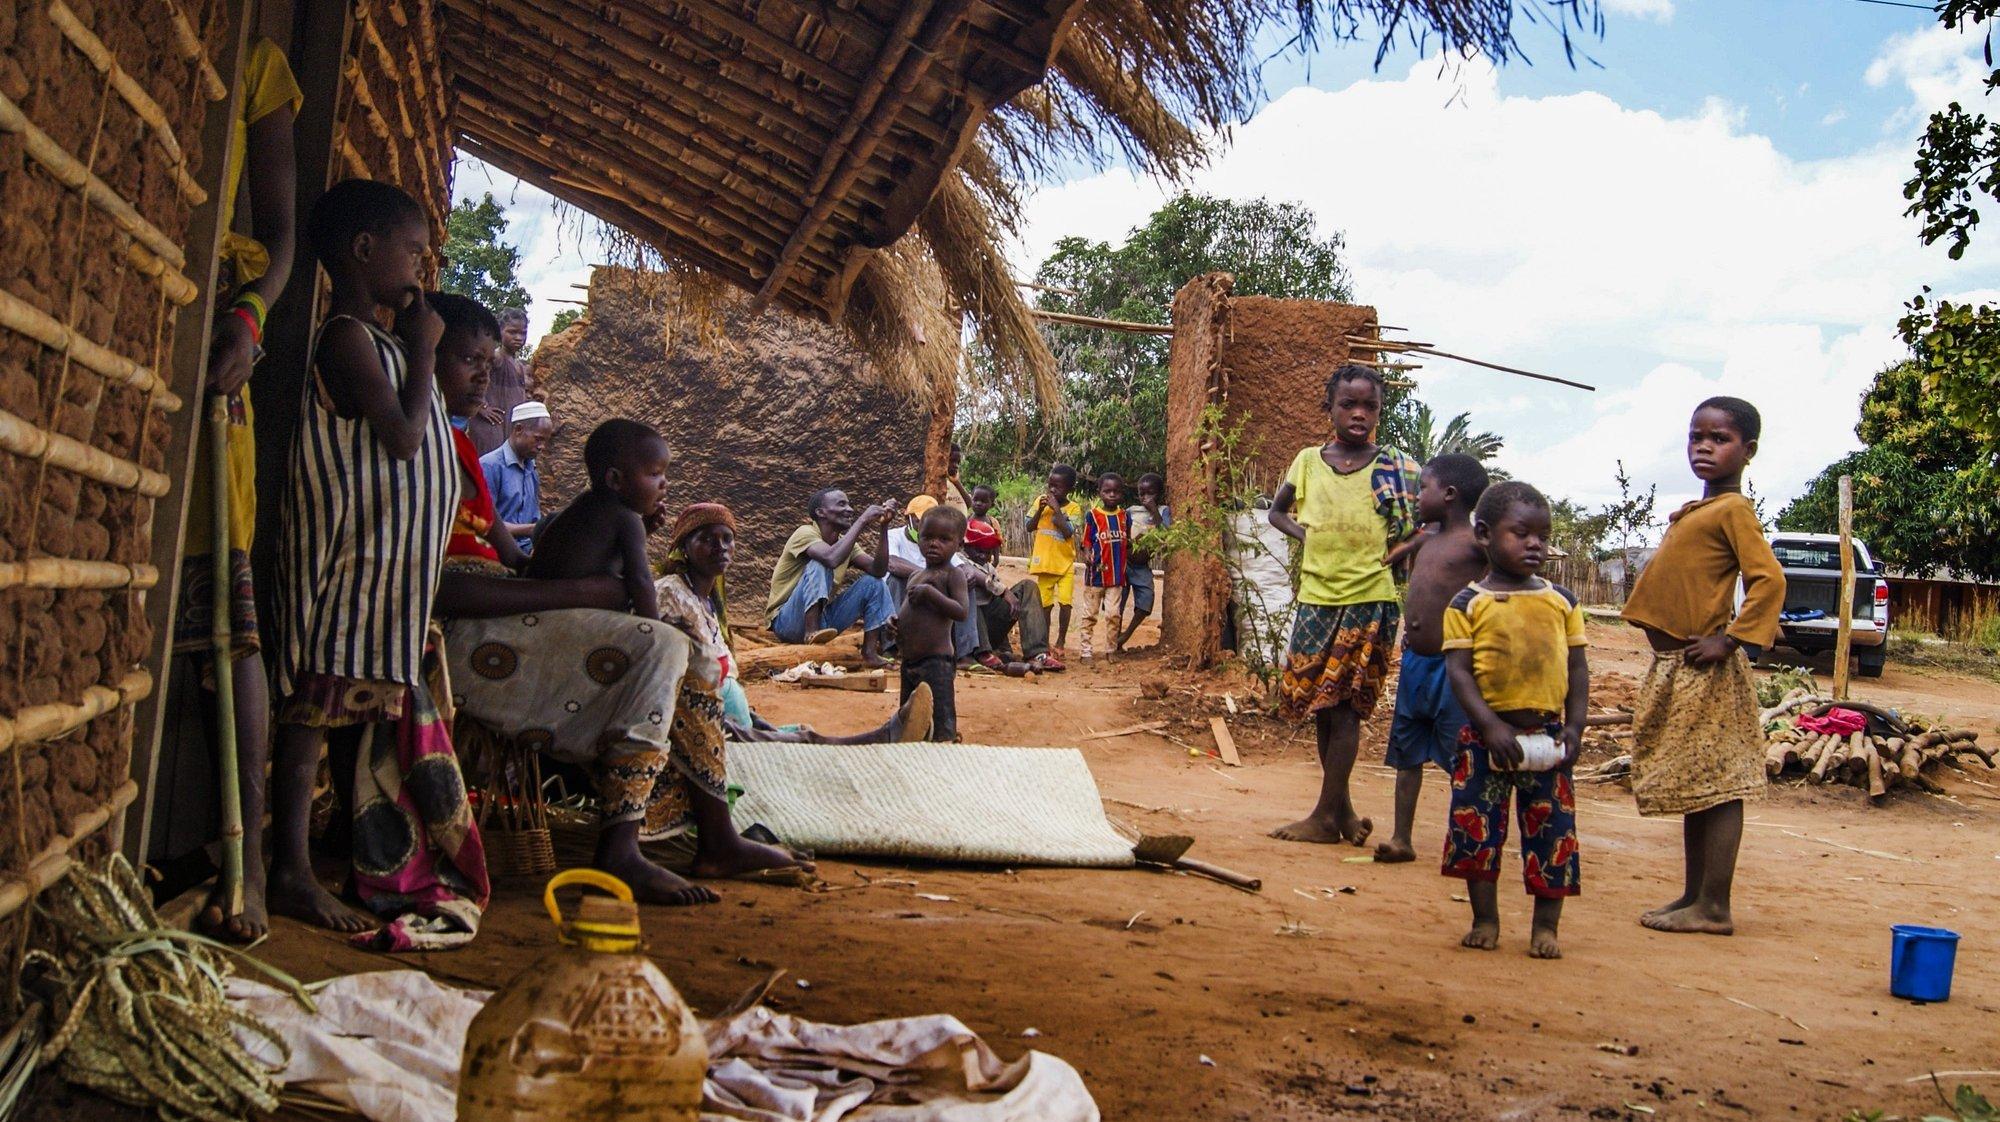 Comunidades que regressaram à aldeia 19 de outubro, atacada por grupos armados em Quissanga, Cabo Delgado, Moçambique, 21 de agosto de 2021. As vilas e aldeias devastadas por rebeldes nos distritos de Quissanga e Macomia têm as marcas do terror estampadas em cada esquina e, entre ruínas, ensaia-se a reconstrução, mas o trauma é grande e paira ainda o medo entre as comunidades (ACOMPANHA TEXTO DO DIA 23 DE AGOSTO DE 2021). LUÍSA NHANTUMBO/LUSA